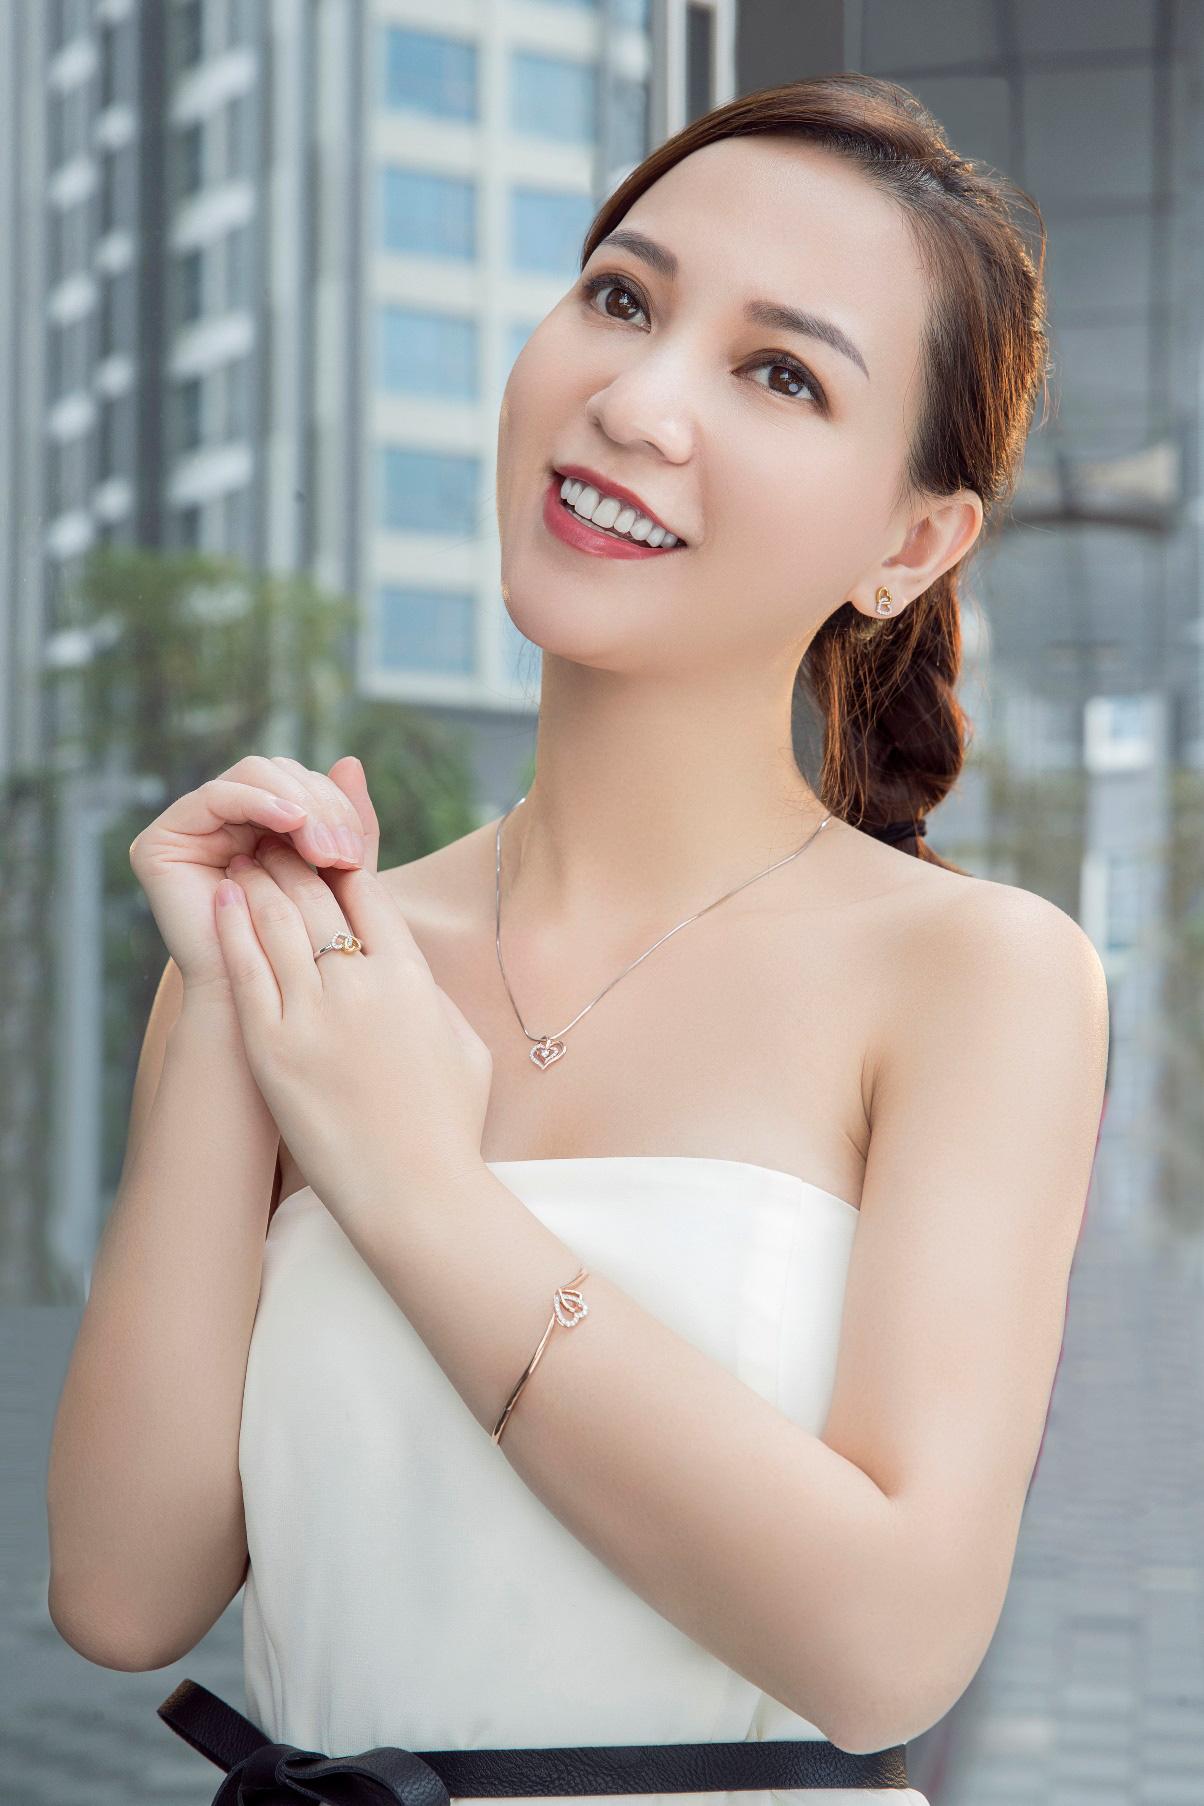 Prima Fine Jewelry giới thiệu sản phẩm vàng 18K và kim cương cho phái đẹp - Ảnh 4.